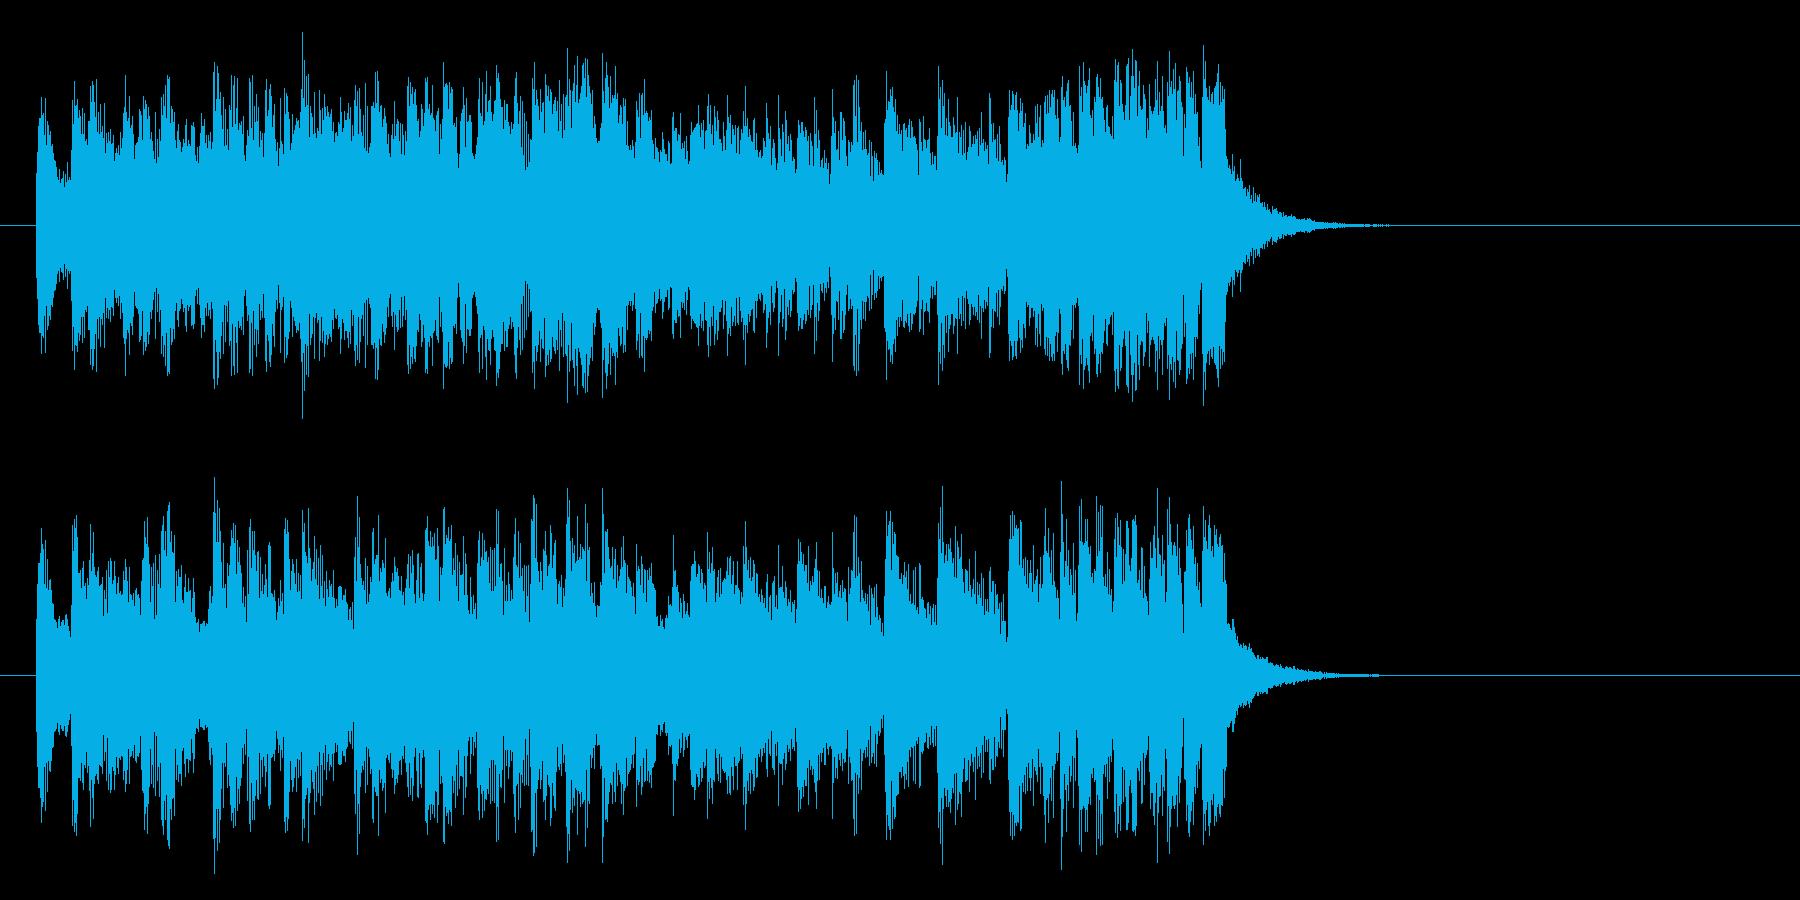 元気なテーマ・ポップス(イントロ)の再生済みの波形